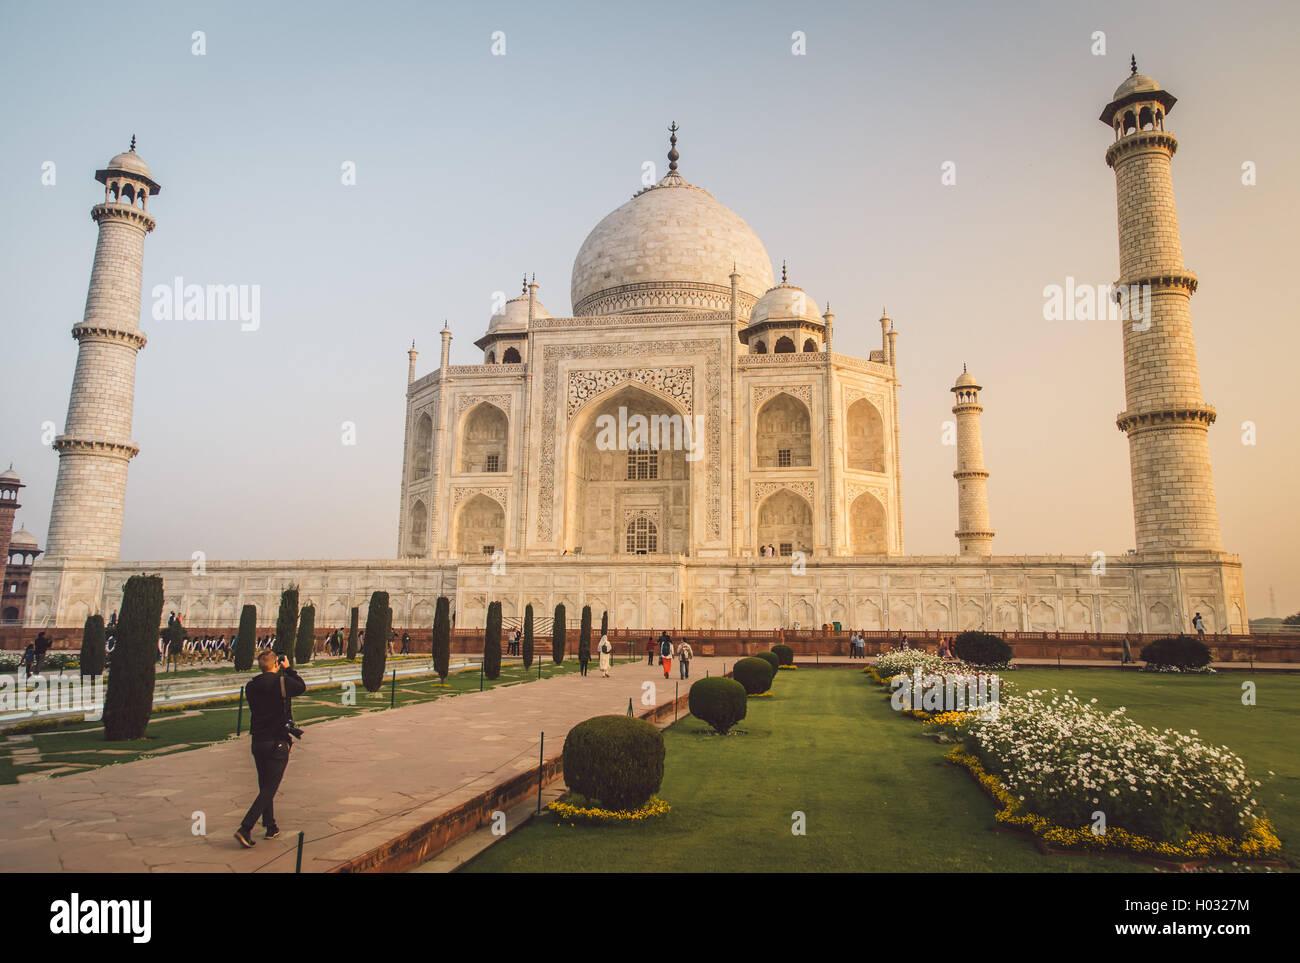 AGRA, India - 28 de febrero de 2015: Vista del Taj Mahal hacia el lado sur. Visitante con cámara. Post-procesado Imagen De Stock